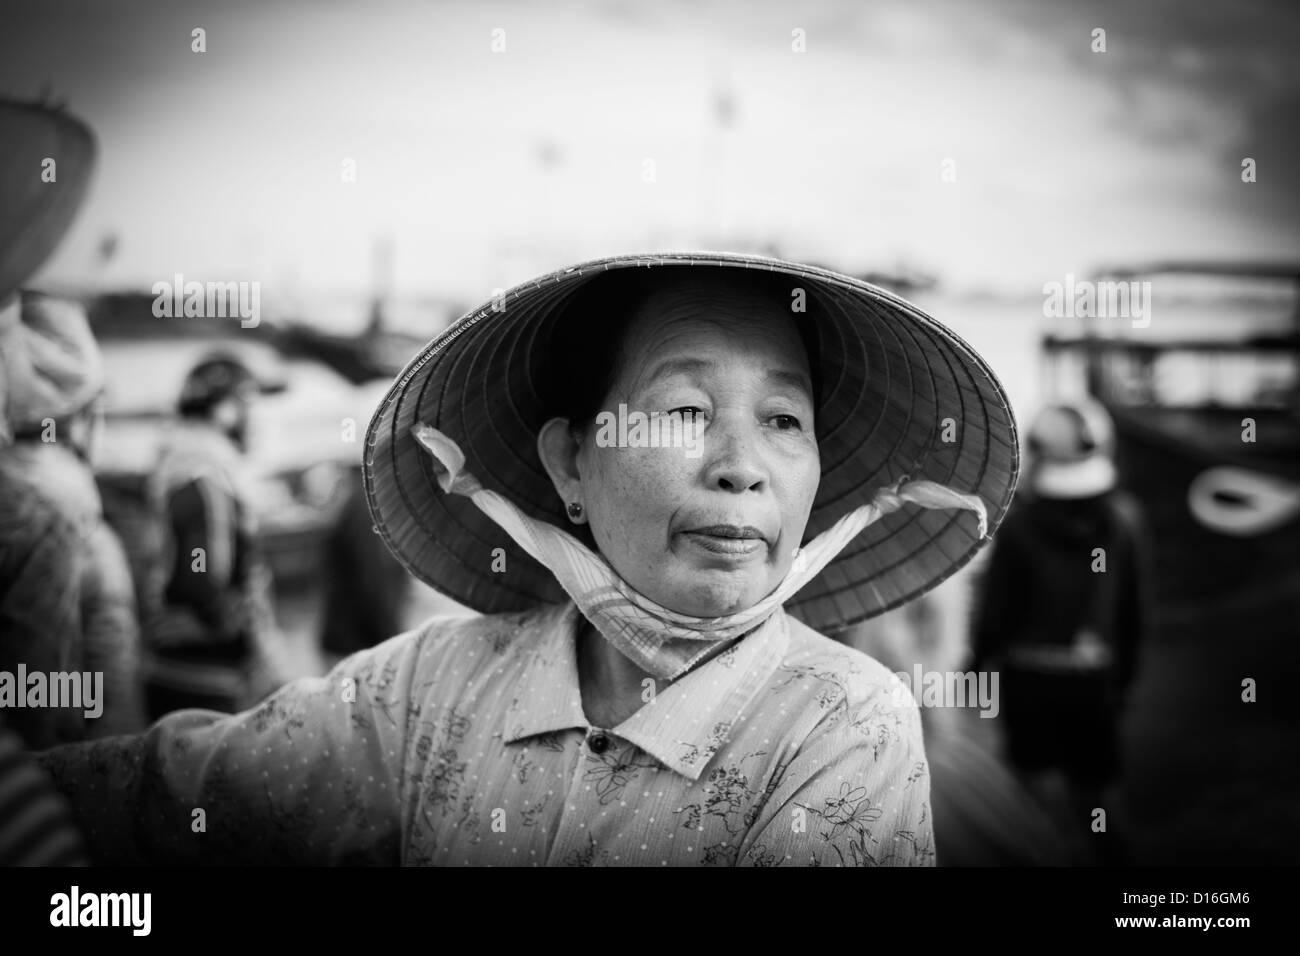 Bianco e nero ritratto di una donna vietnamita che indossa un tradizionale cappello di bambù Immagini Stock